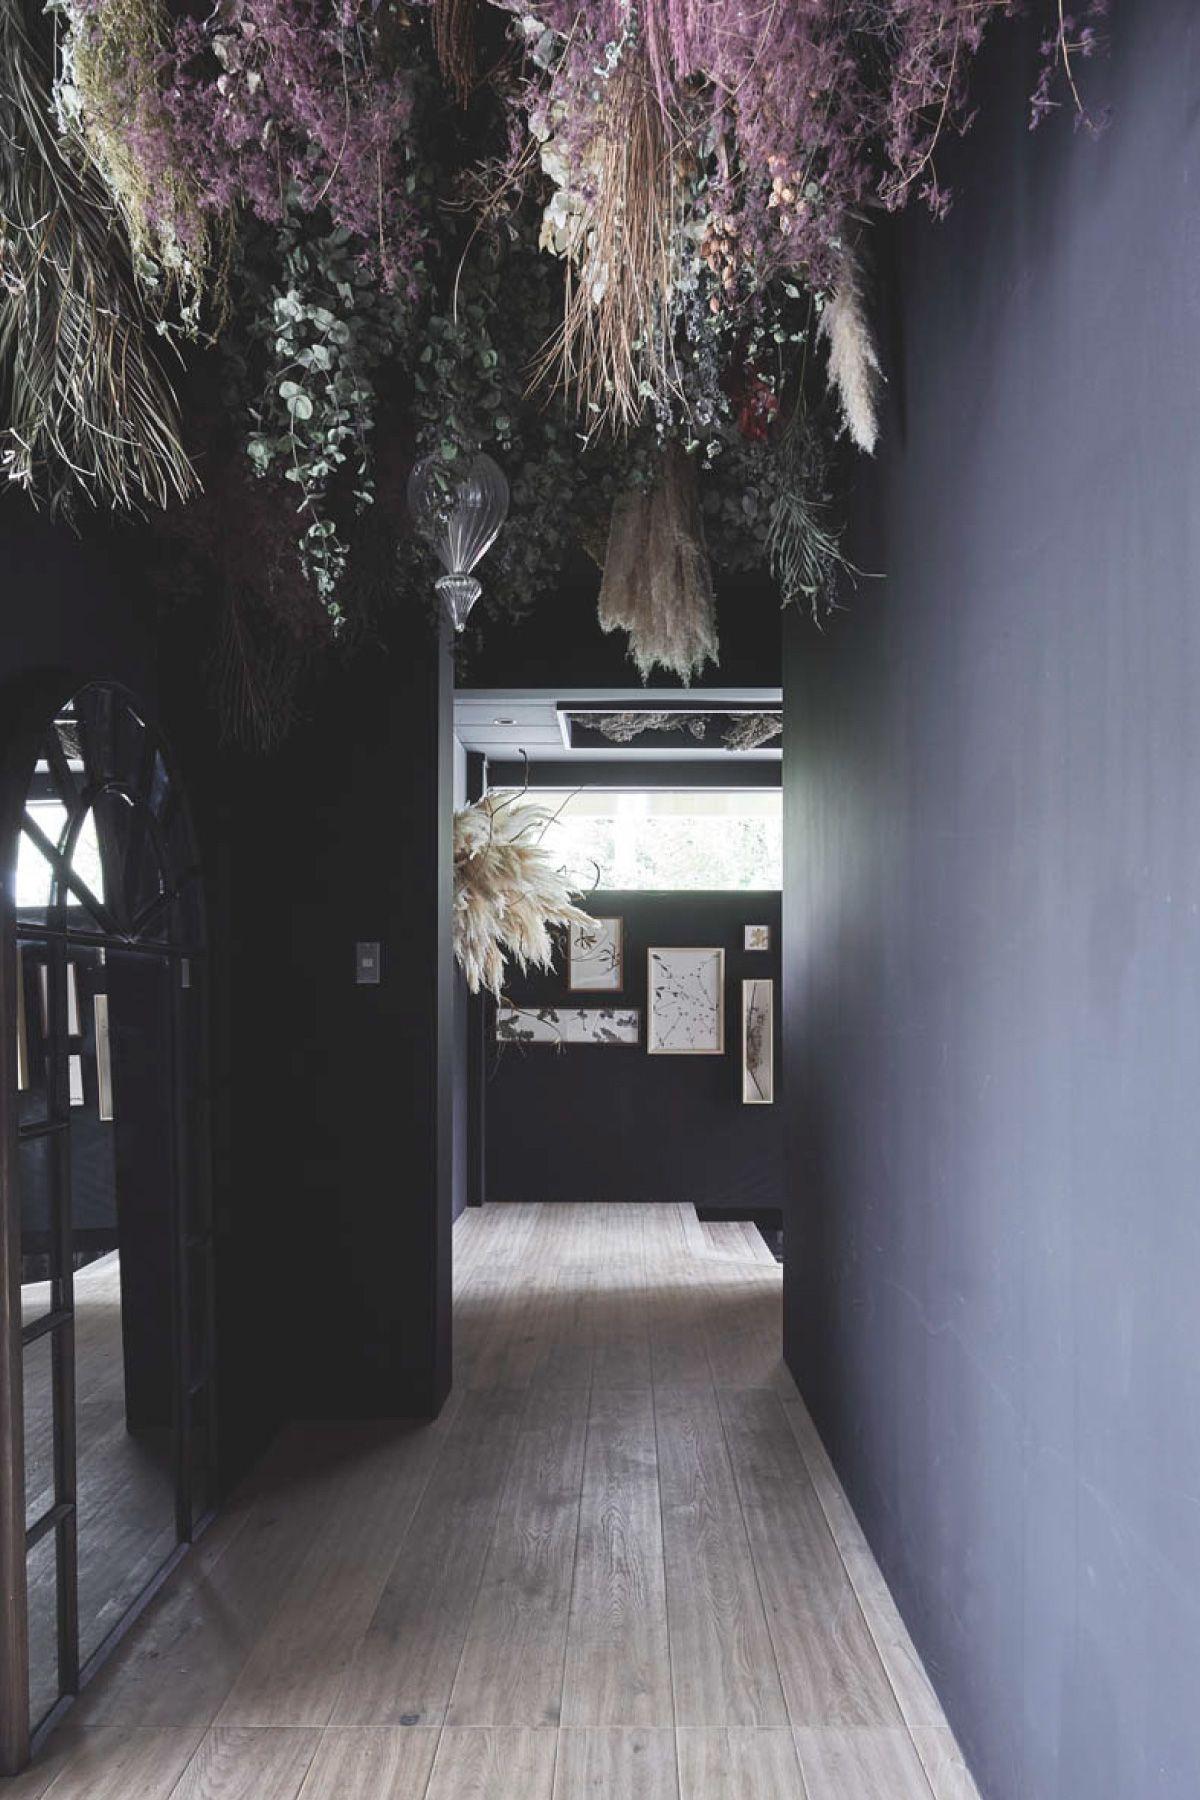 zero two THREE/アトリエ (ゼロ トゥー スリー)黒い壁の廊下